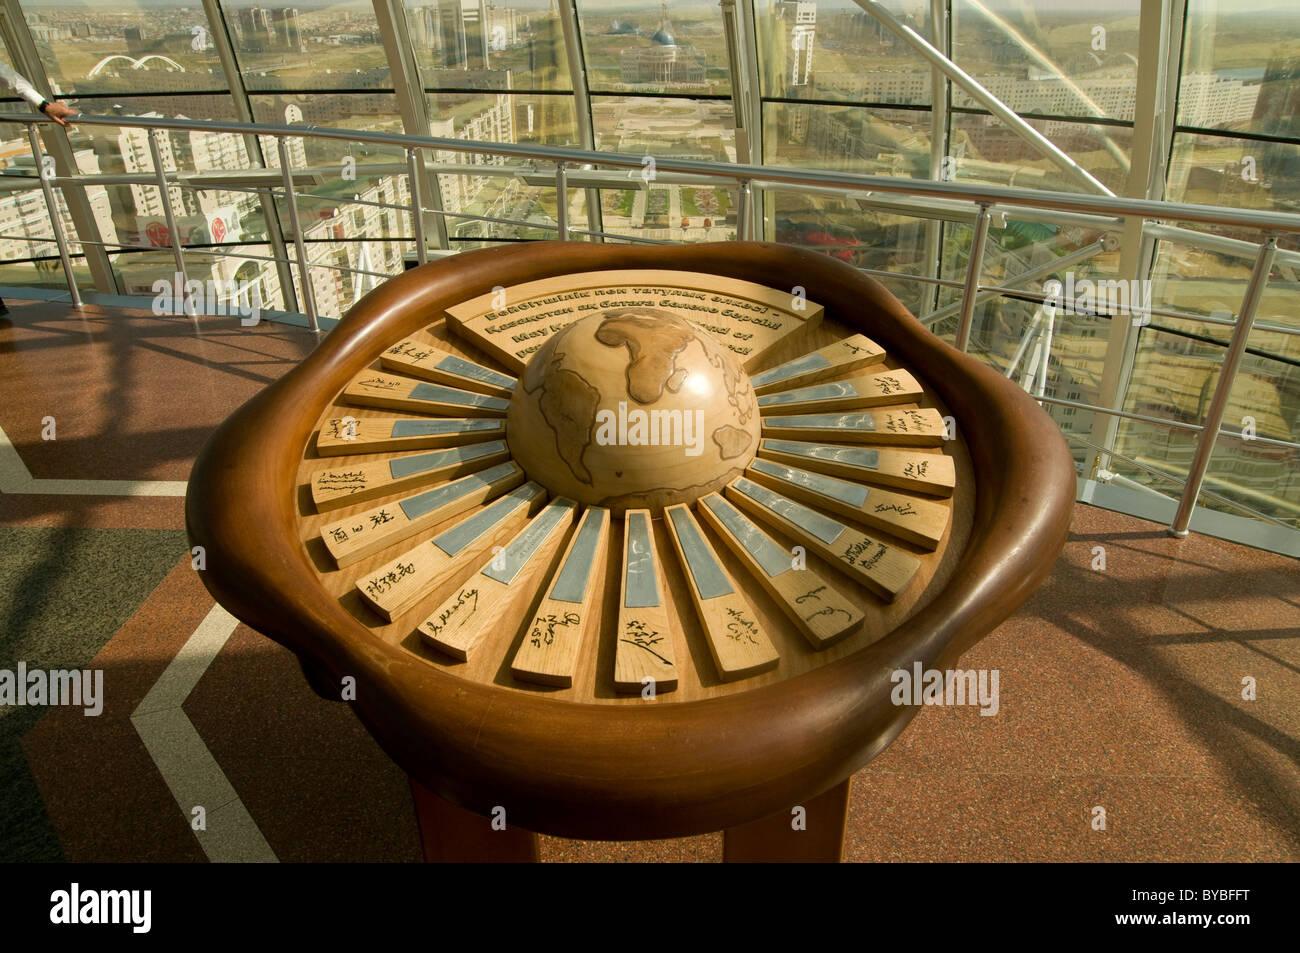 Inside Of The Bayterek Tower Landmark Astana Kazakhstan Central Asia